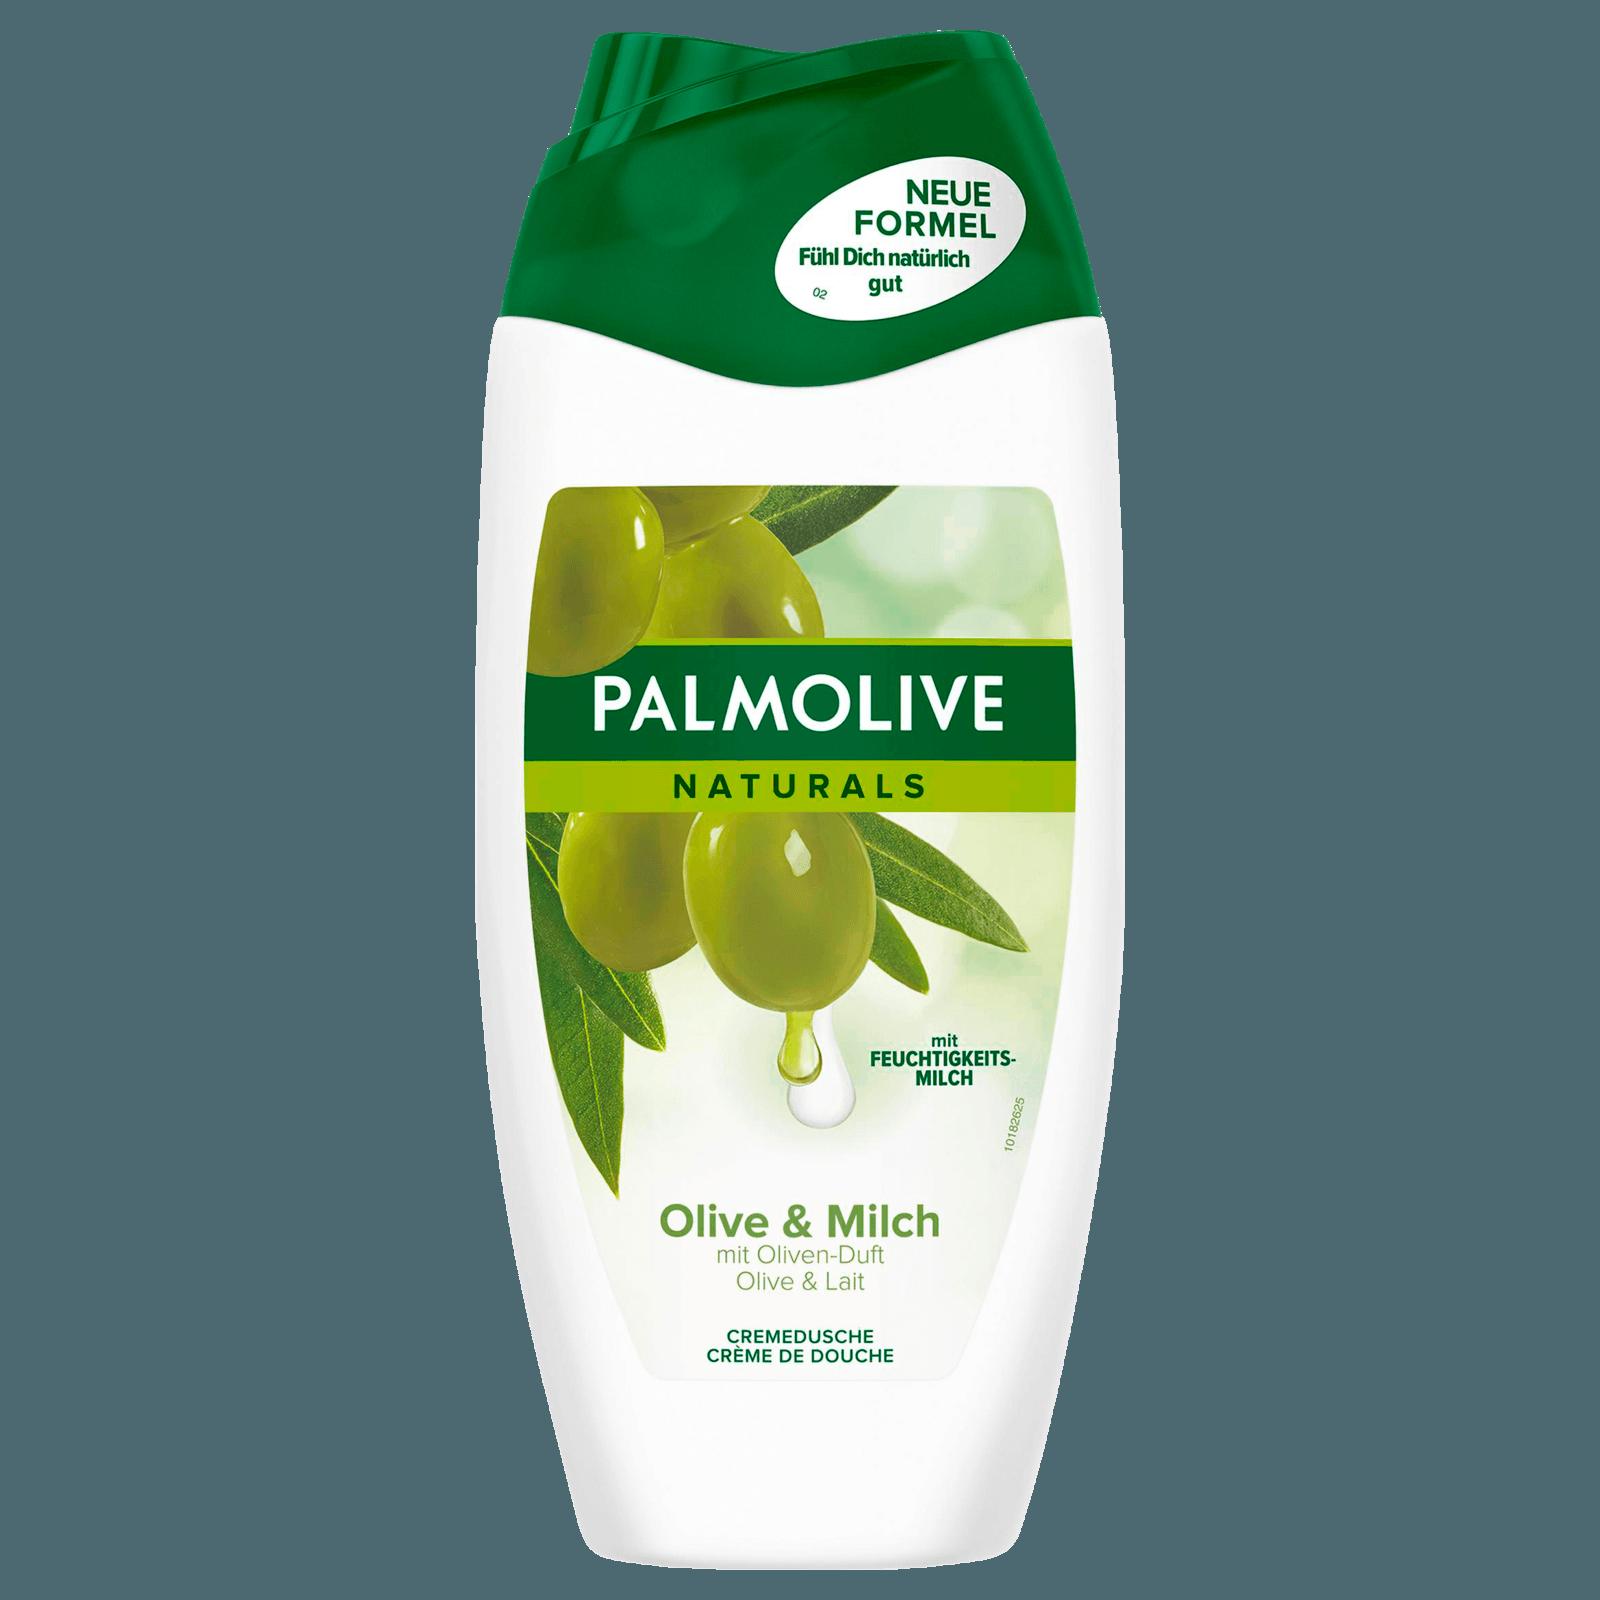 Palmolive Cremedusche Naturals Olive und Feuchtigkeitsmilch 250ml